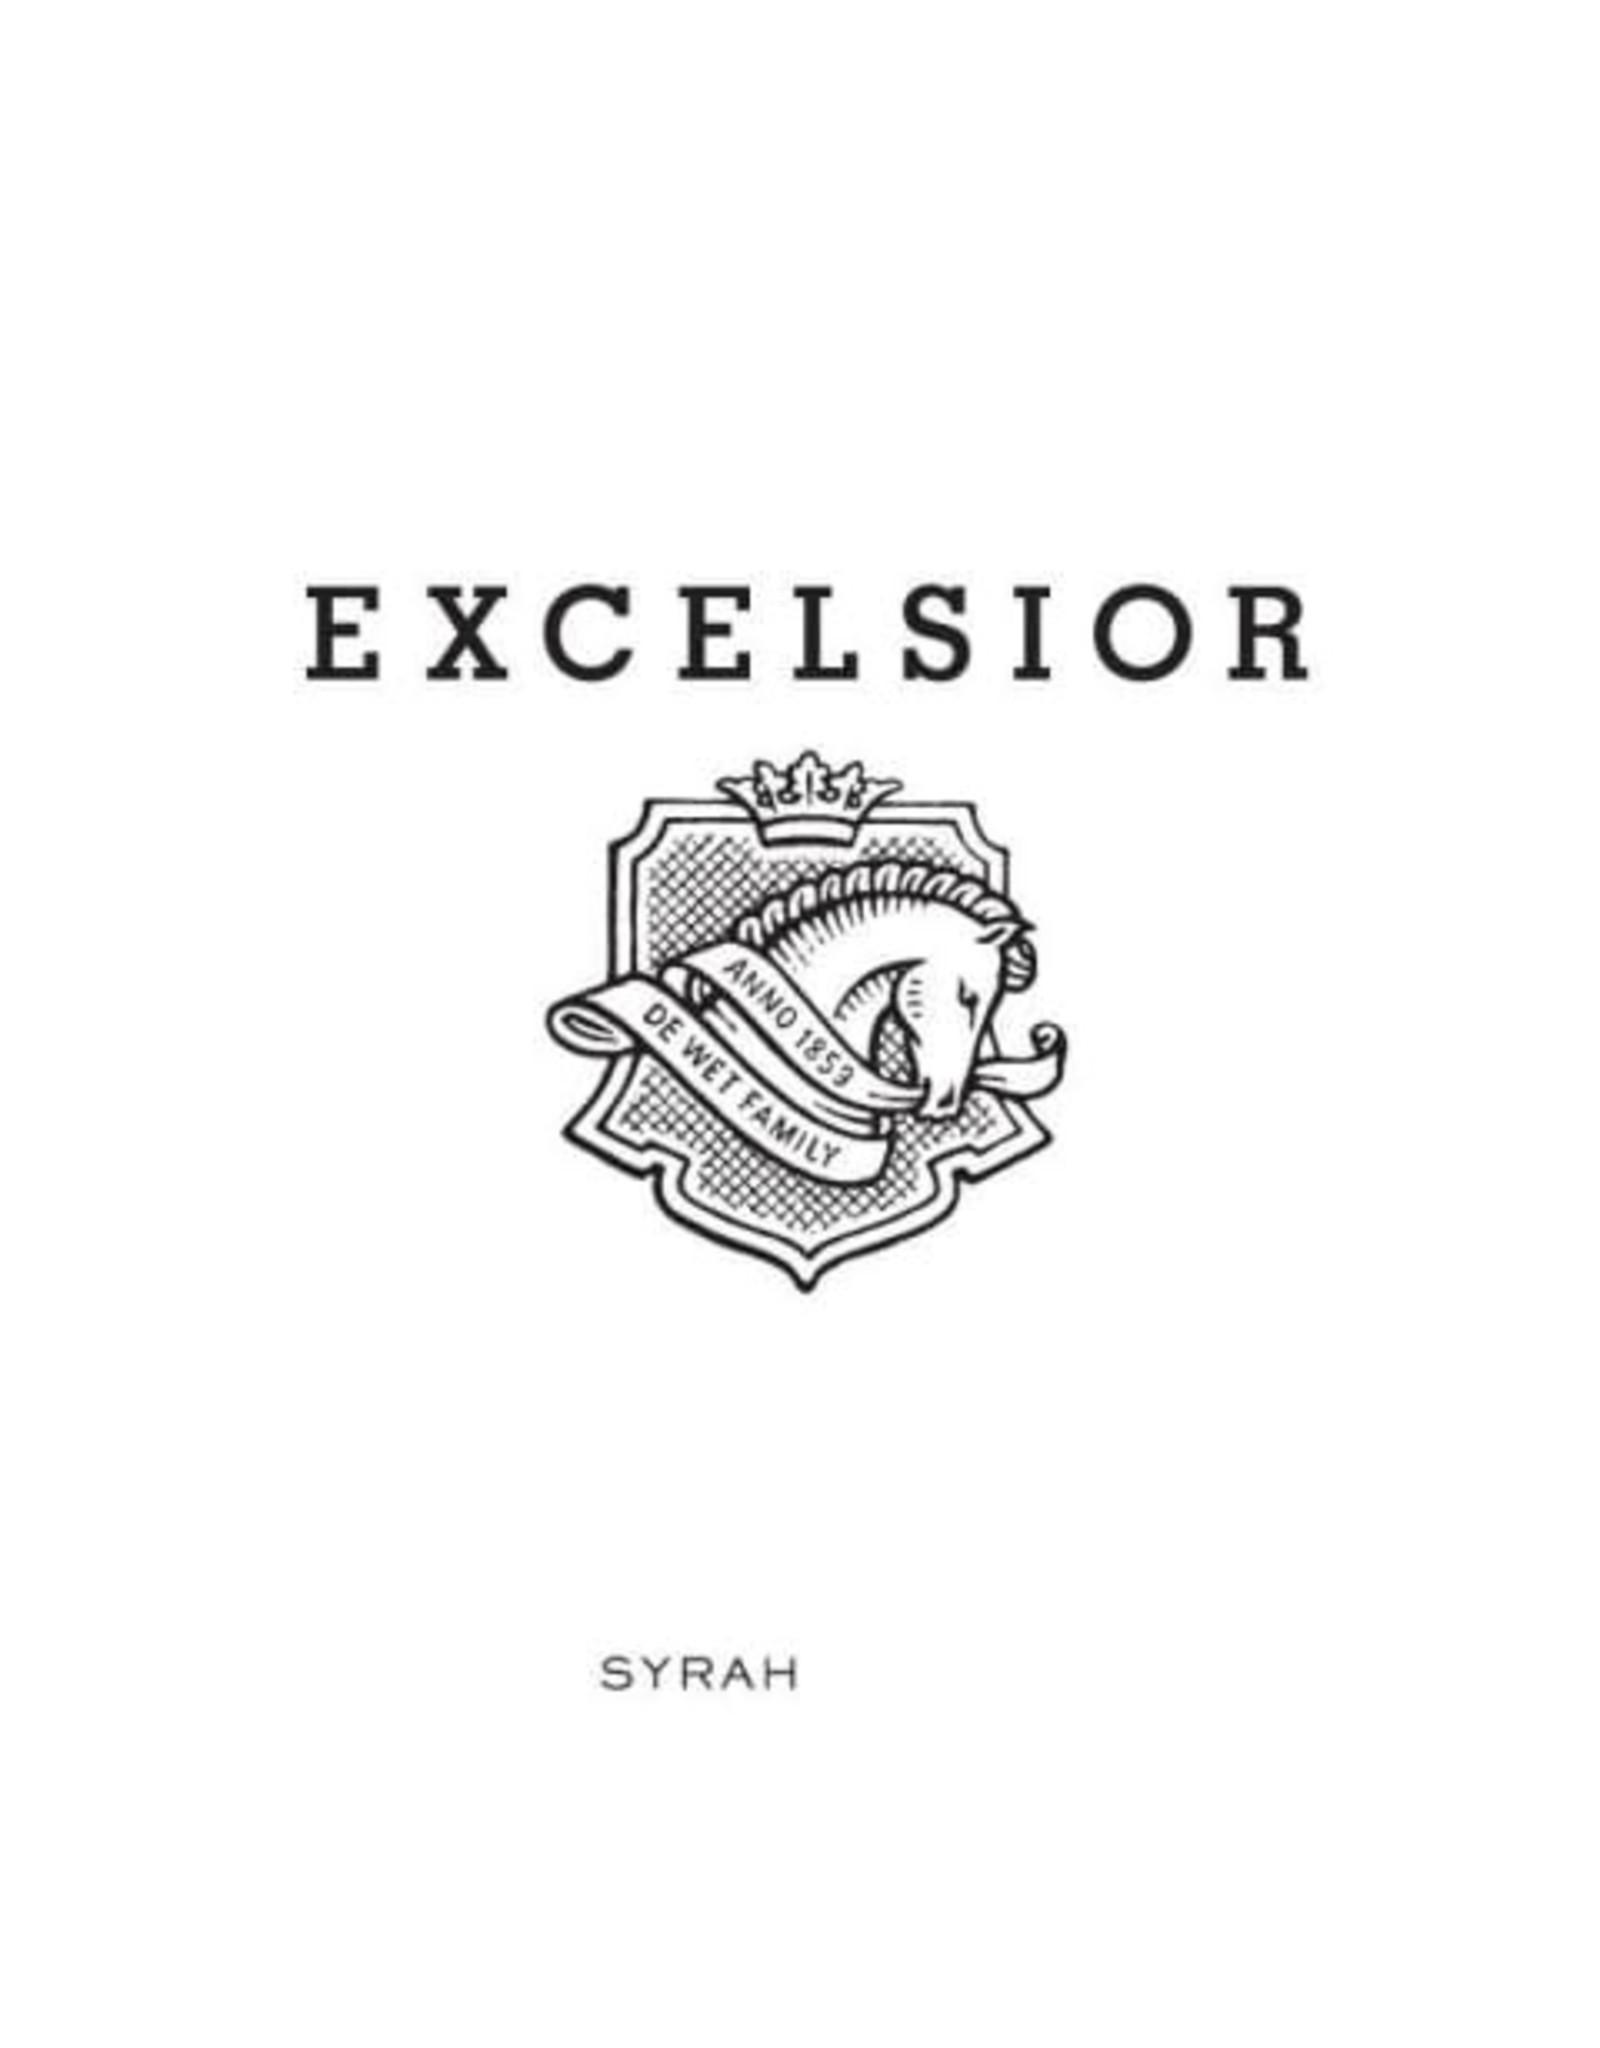 Excelsior Excelsior Syrah, Robertson